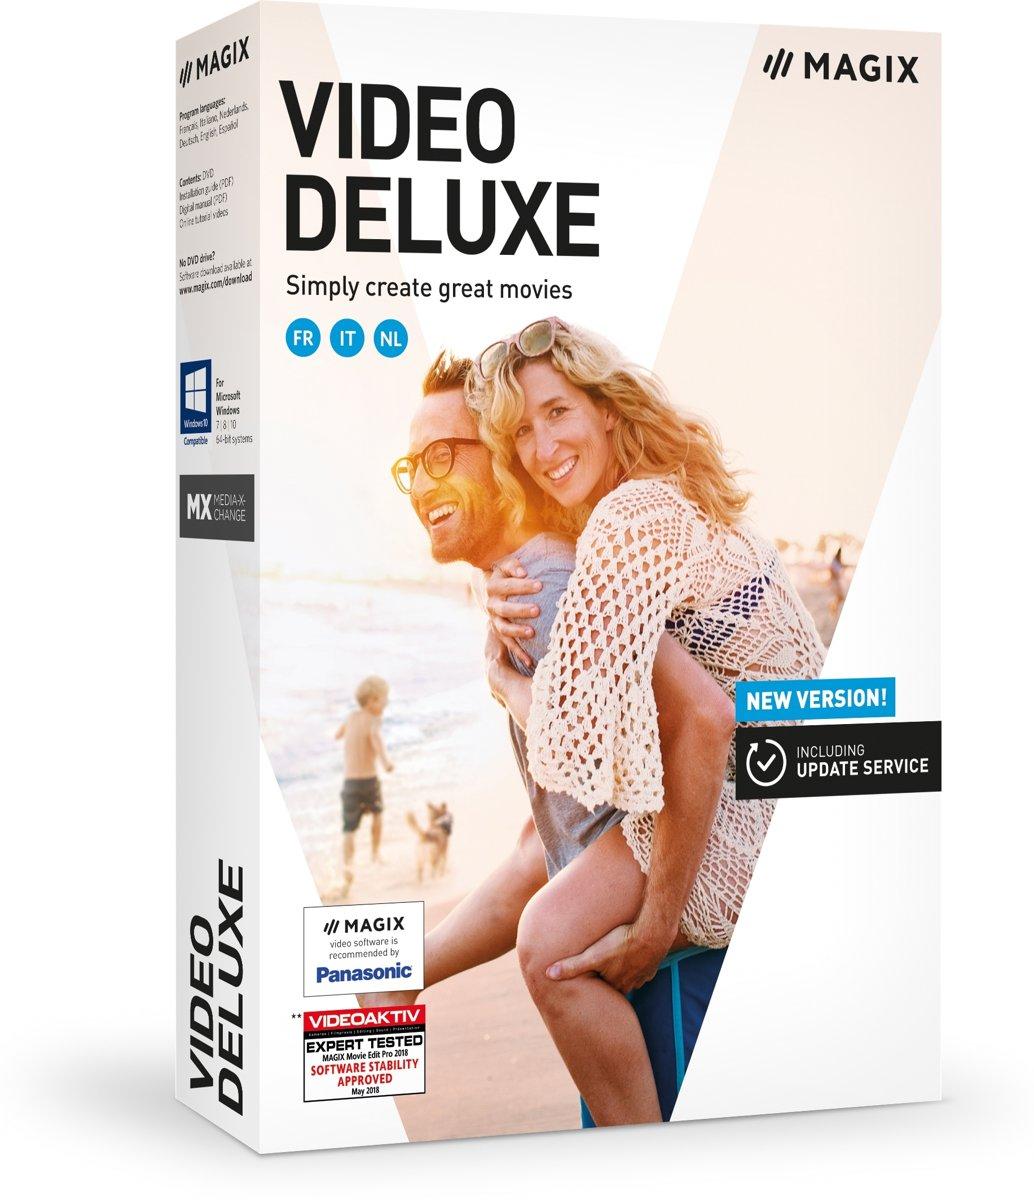 Magix Video Deluxe kopen